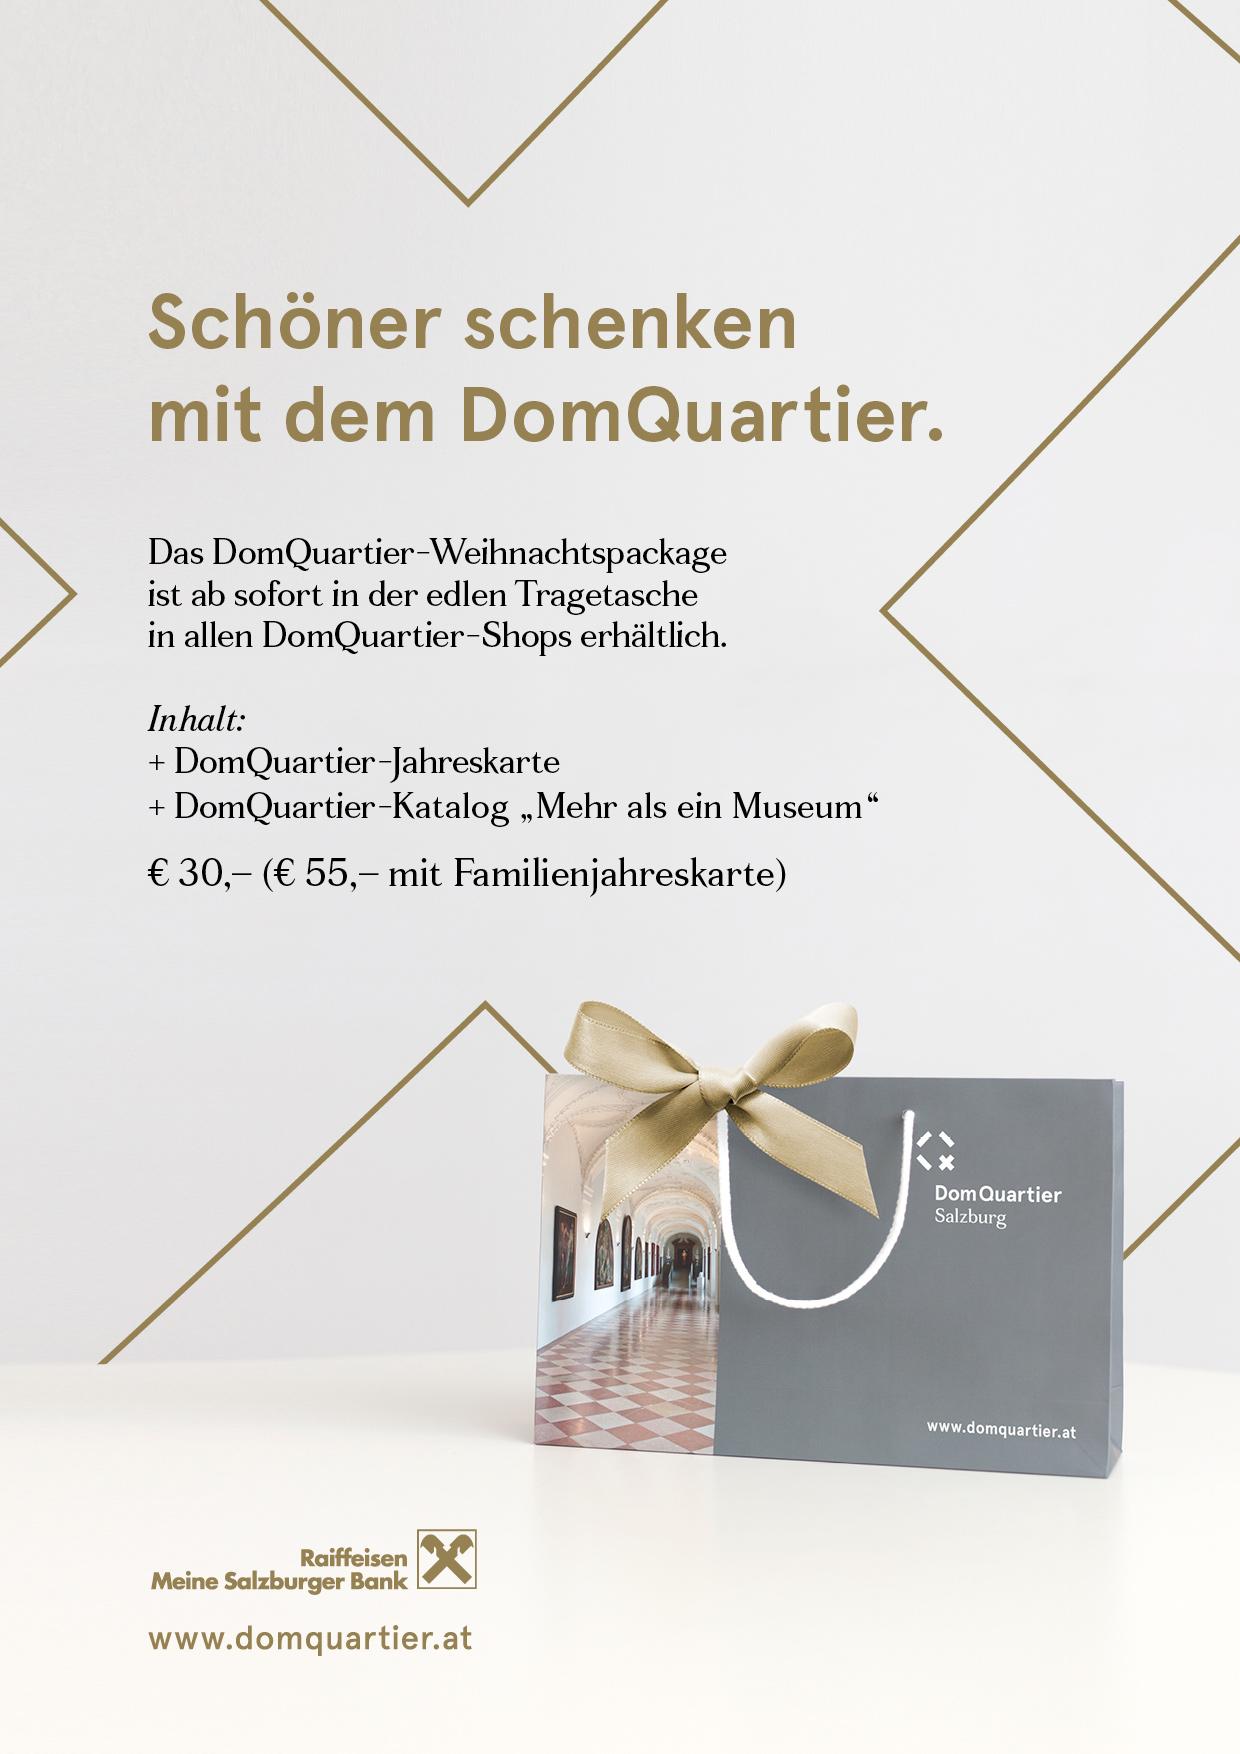 Veranstaltung Ein Geschenk, das 365 Tage im Jahr Freude macht! im DomQuartier Salzburg